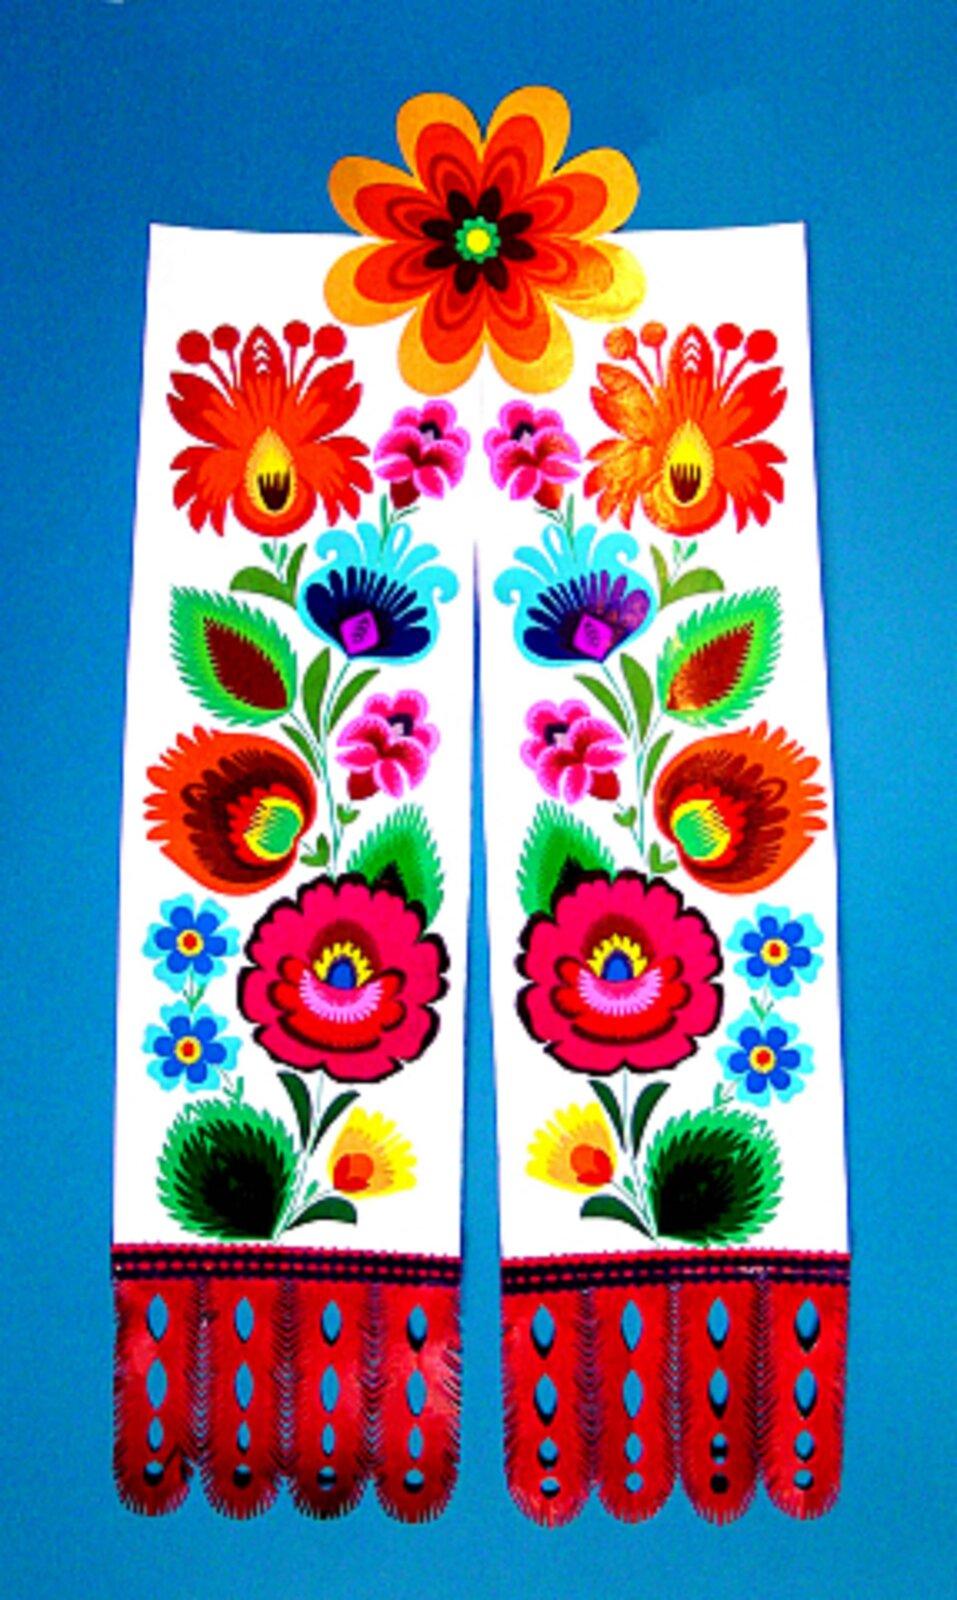 Ilustracja przedstawia łowicką tasiemkę. Są to dwie takie same części, zakończone są czerwonymi wypustkami. Na obu znajdują się kwiaty wróżnych kolorach oraz zielone listki. Wzór ułożony jest pionowo. Dwie taśmy łączy znajdujący się pośrodku górnej części kwiat.